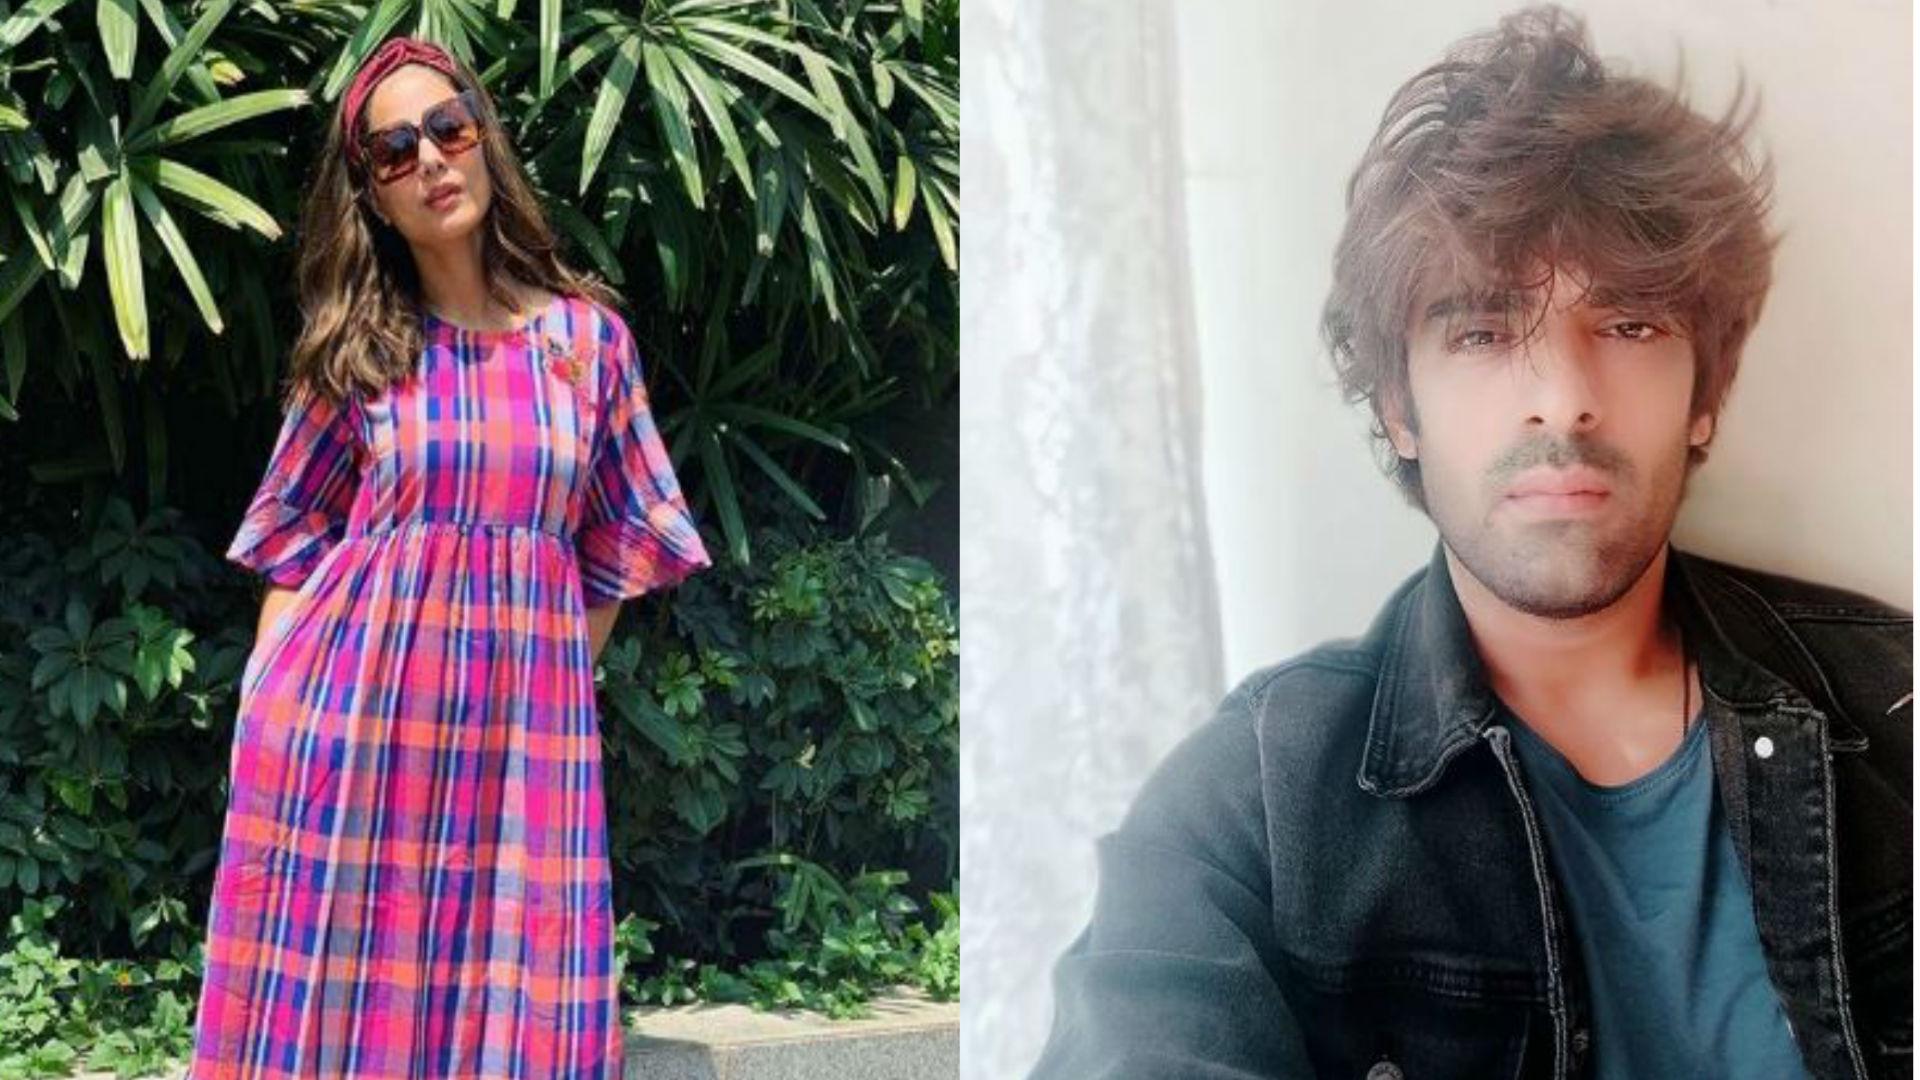 Trending News: हिना खान ने 5 मिलियन फॉलोवर्स होने पर जताई खुशी, सीरियल की शूटिंग के दौरान बेहोश हुए मोहित मलिक